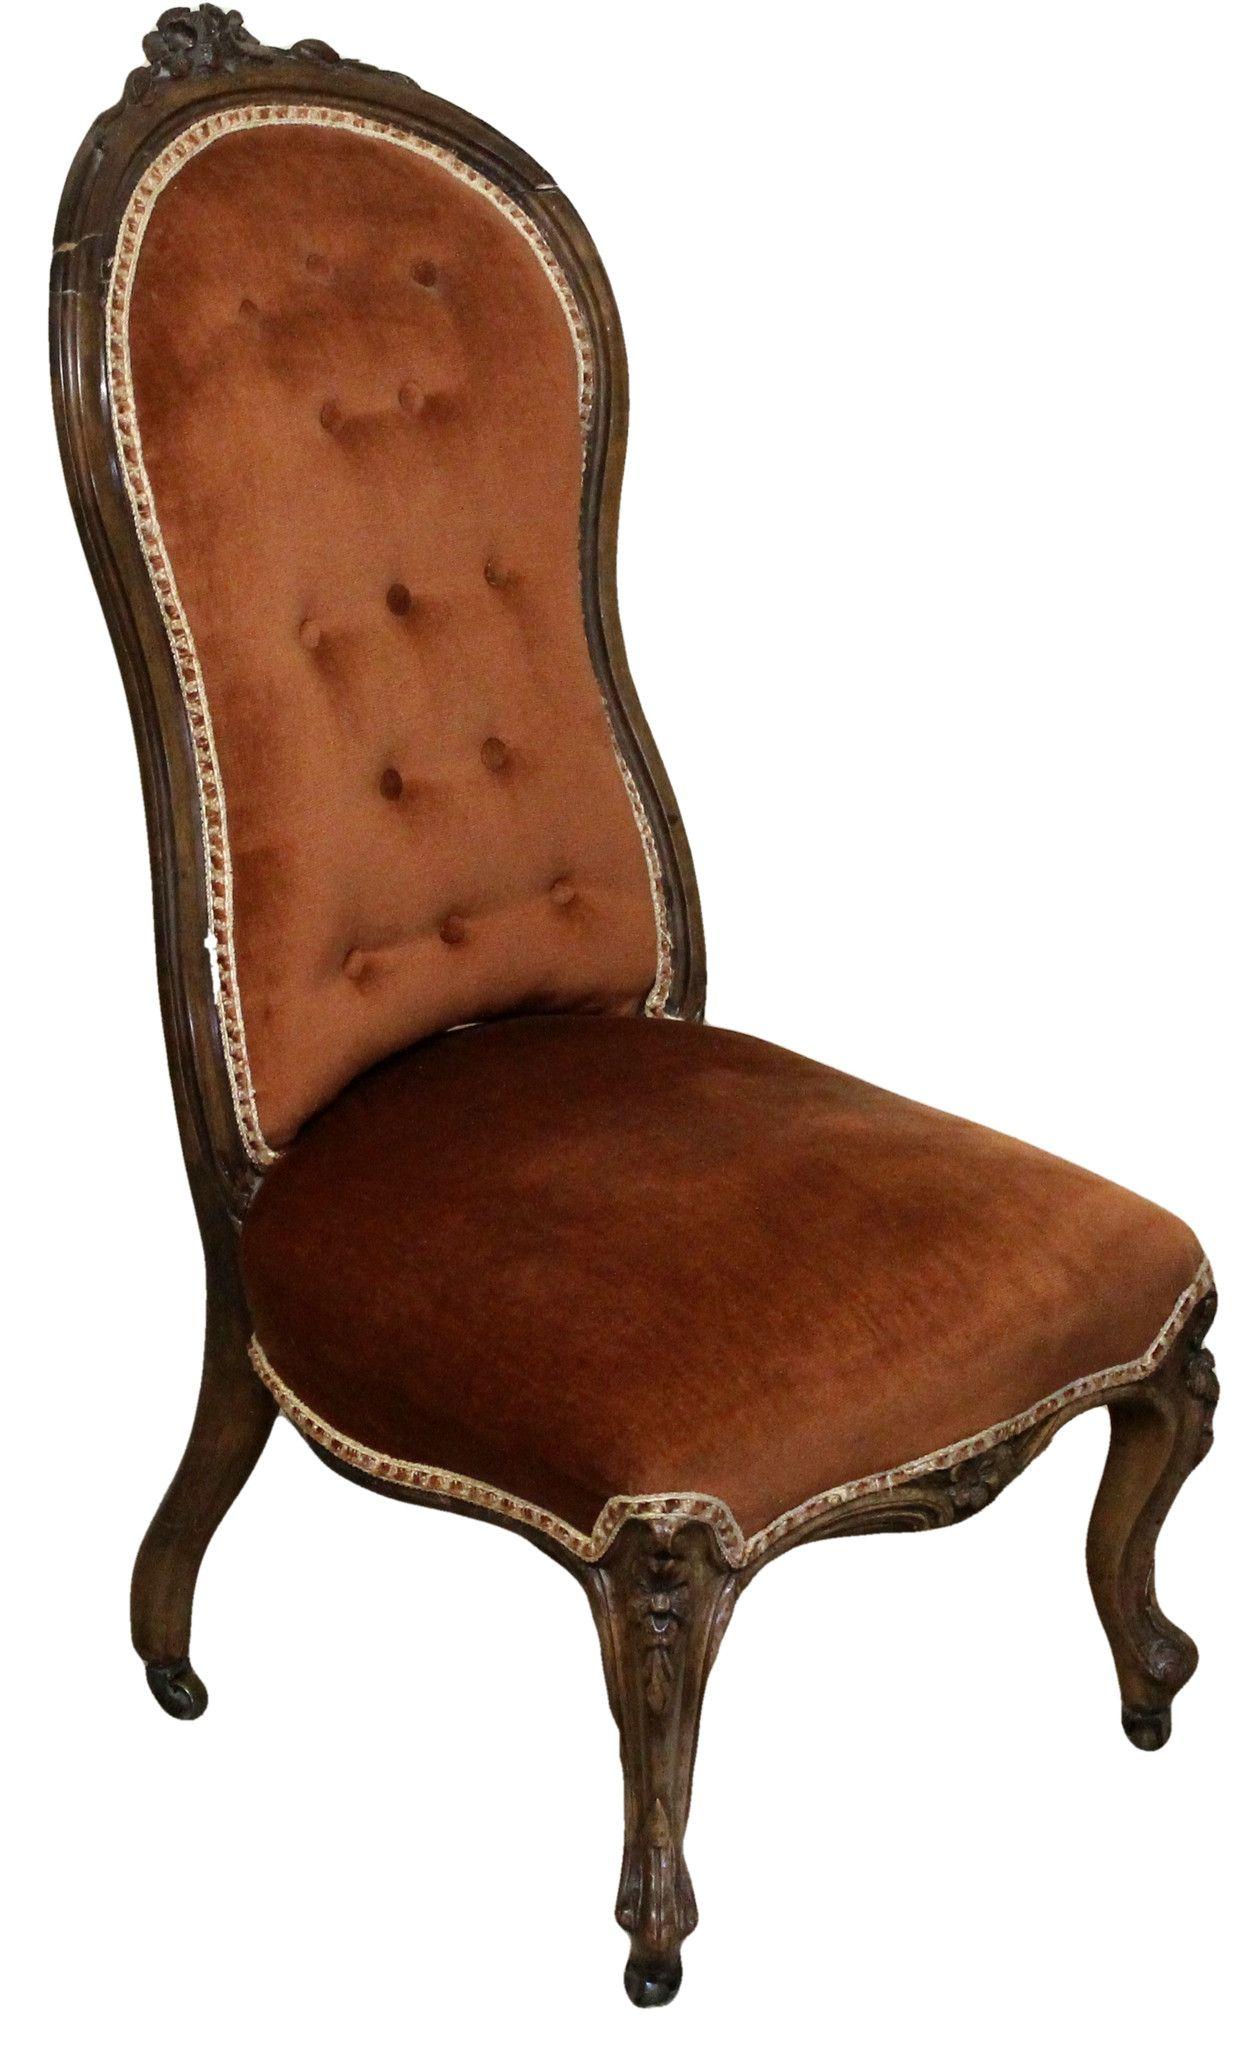 Victorian Antique Button Back Open Chair - Victorian Antique Button Back Open Chair Antique Chairs Antiques